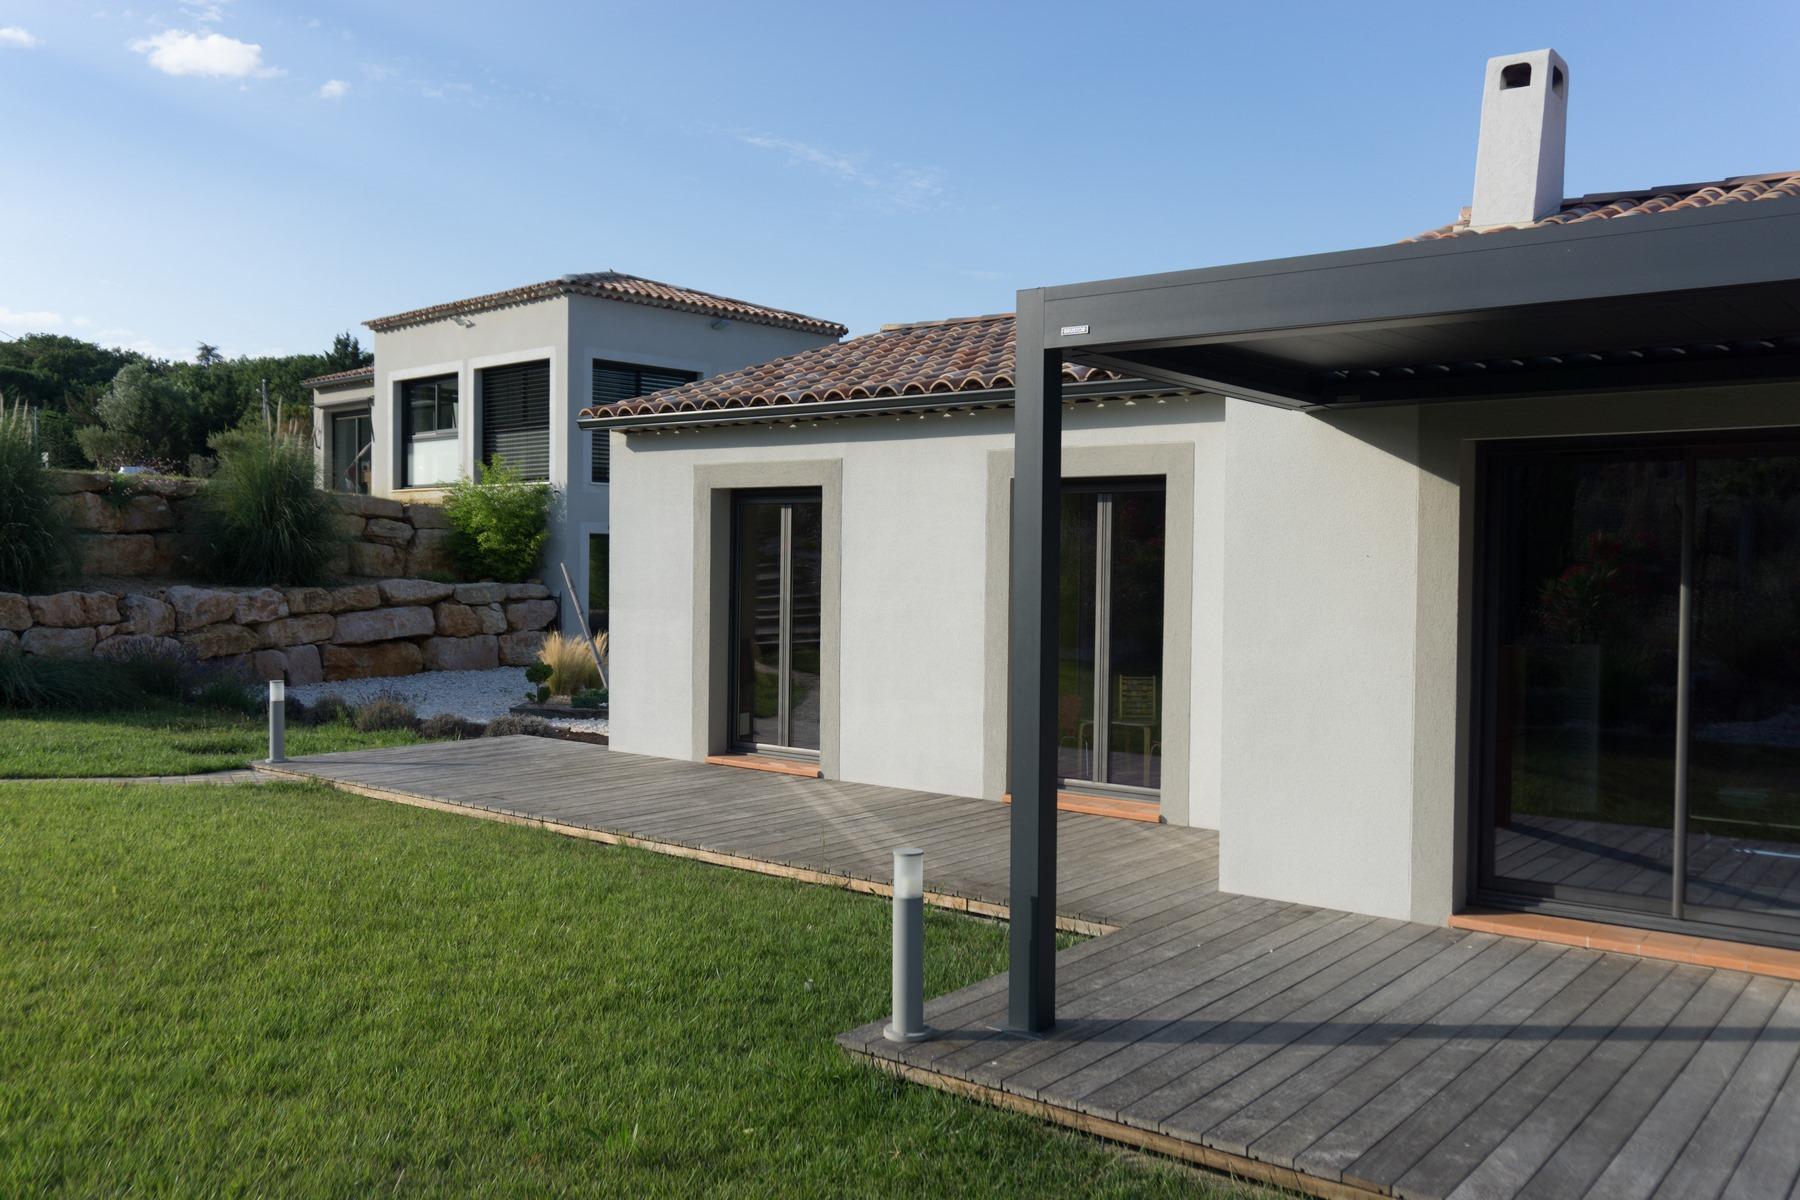 Constructeur De Maison Marseille constructeur maison neuve aix-en-provence - maisons blanches